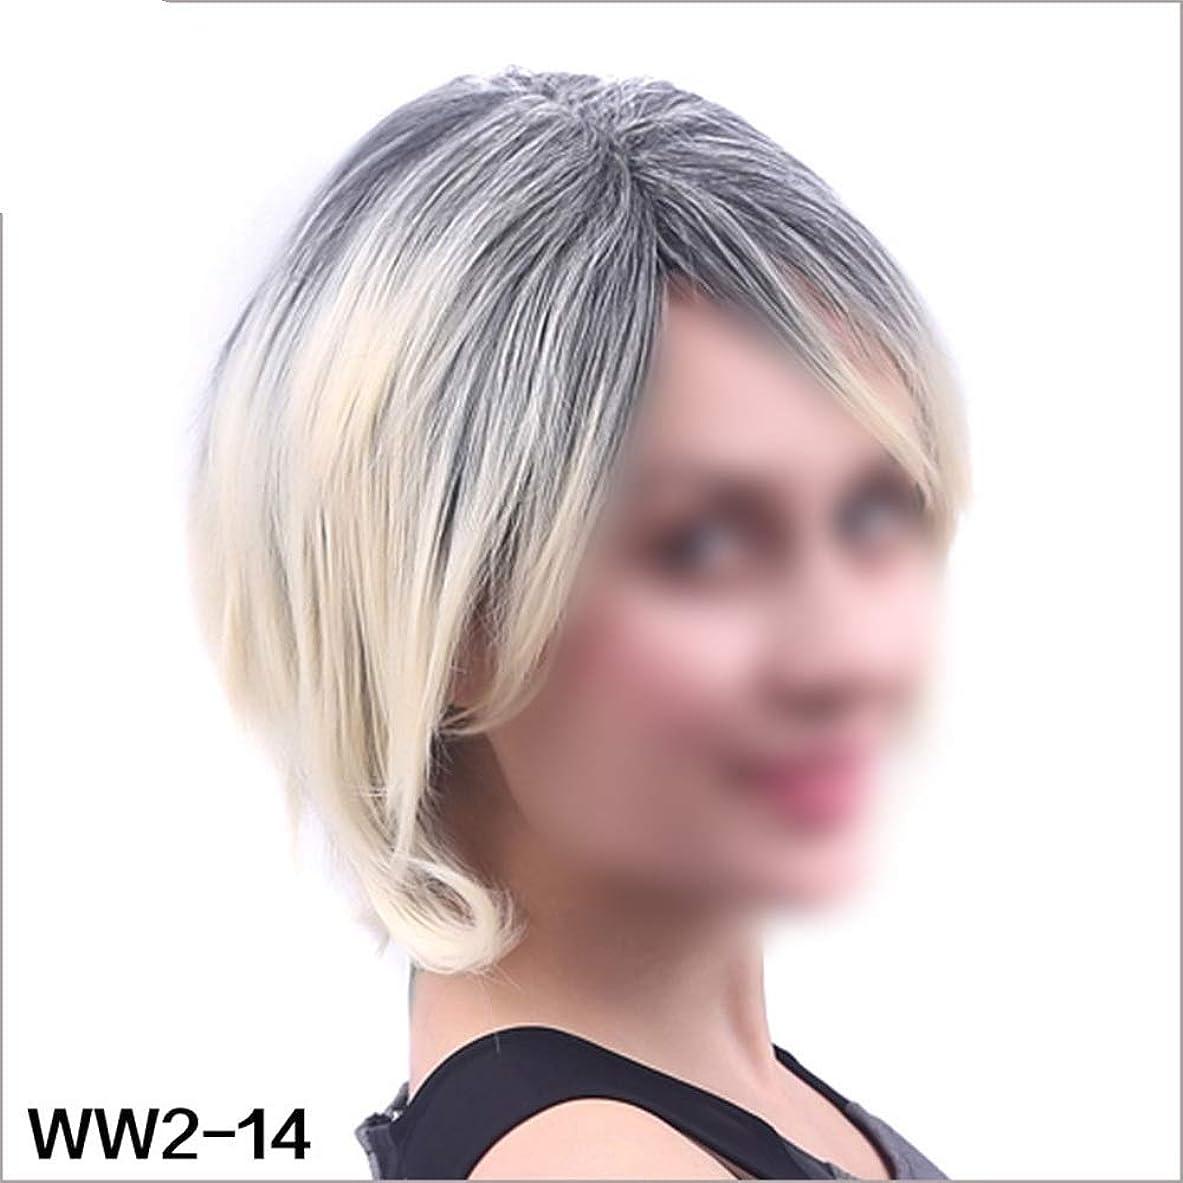 レジデッドやさしくYrattary 女性のボブショートかつら黒グラデーションホワイトカラー耐熱レジストパーティーヘアウィッグパーティーウィッグ (Color : ベージュ, サイズ : 35cm)